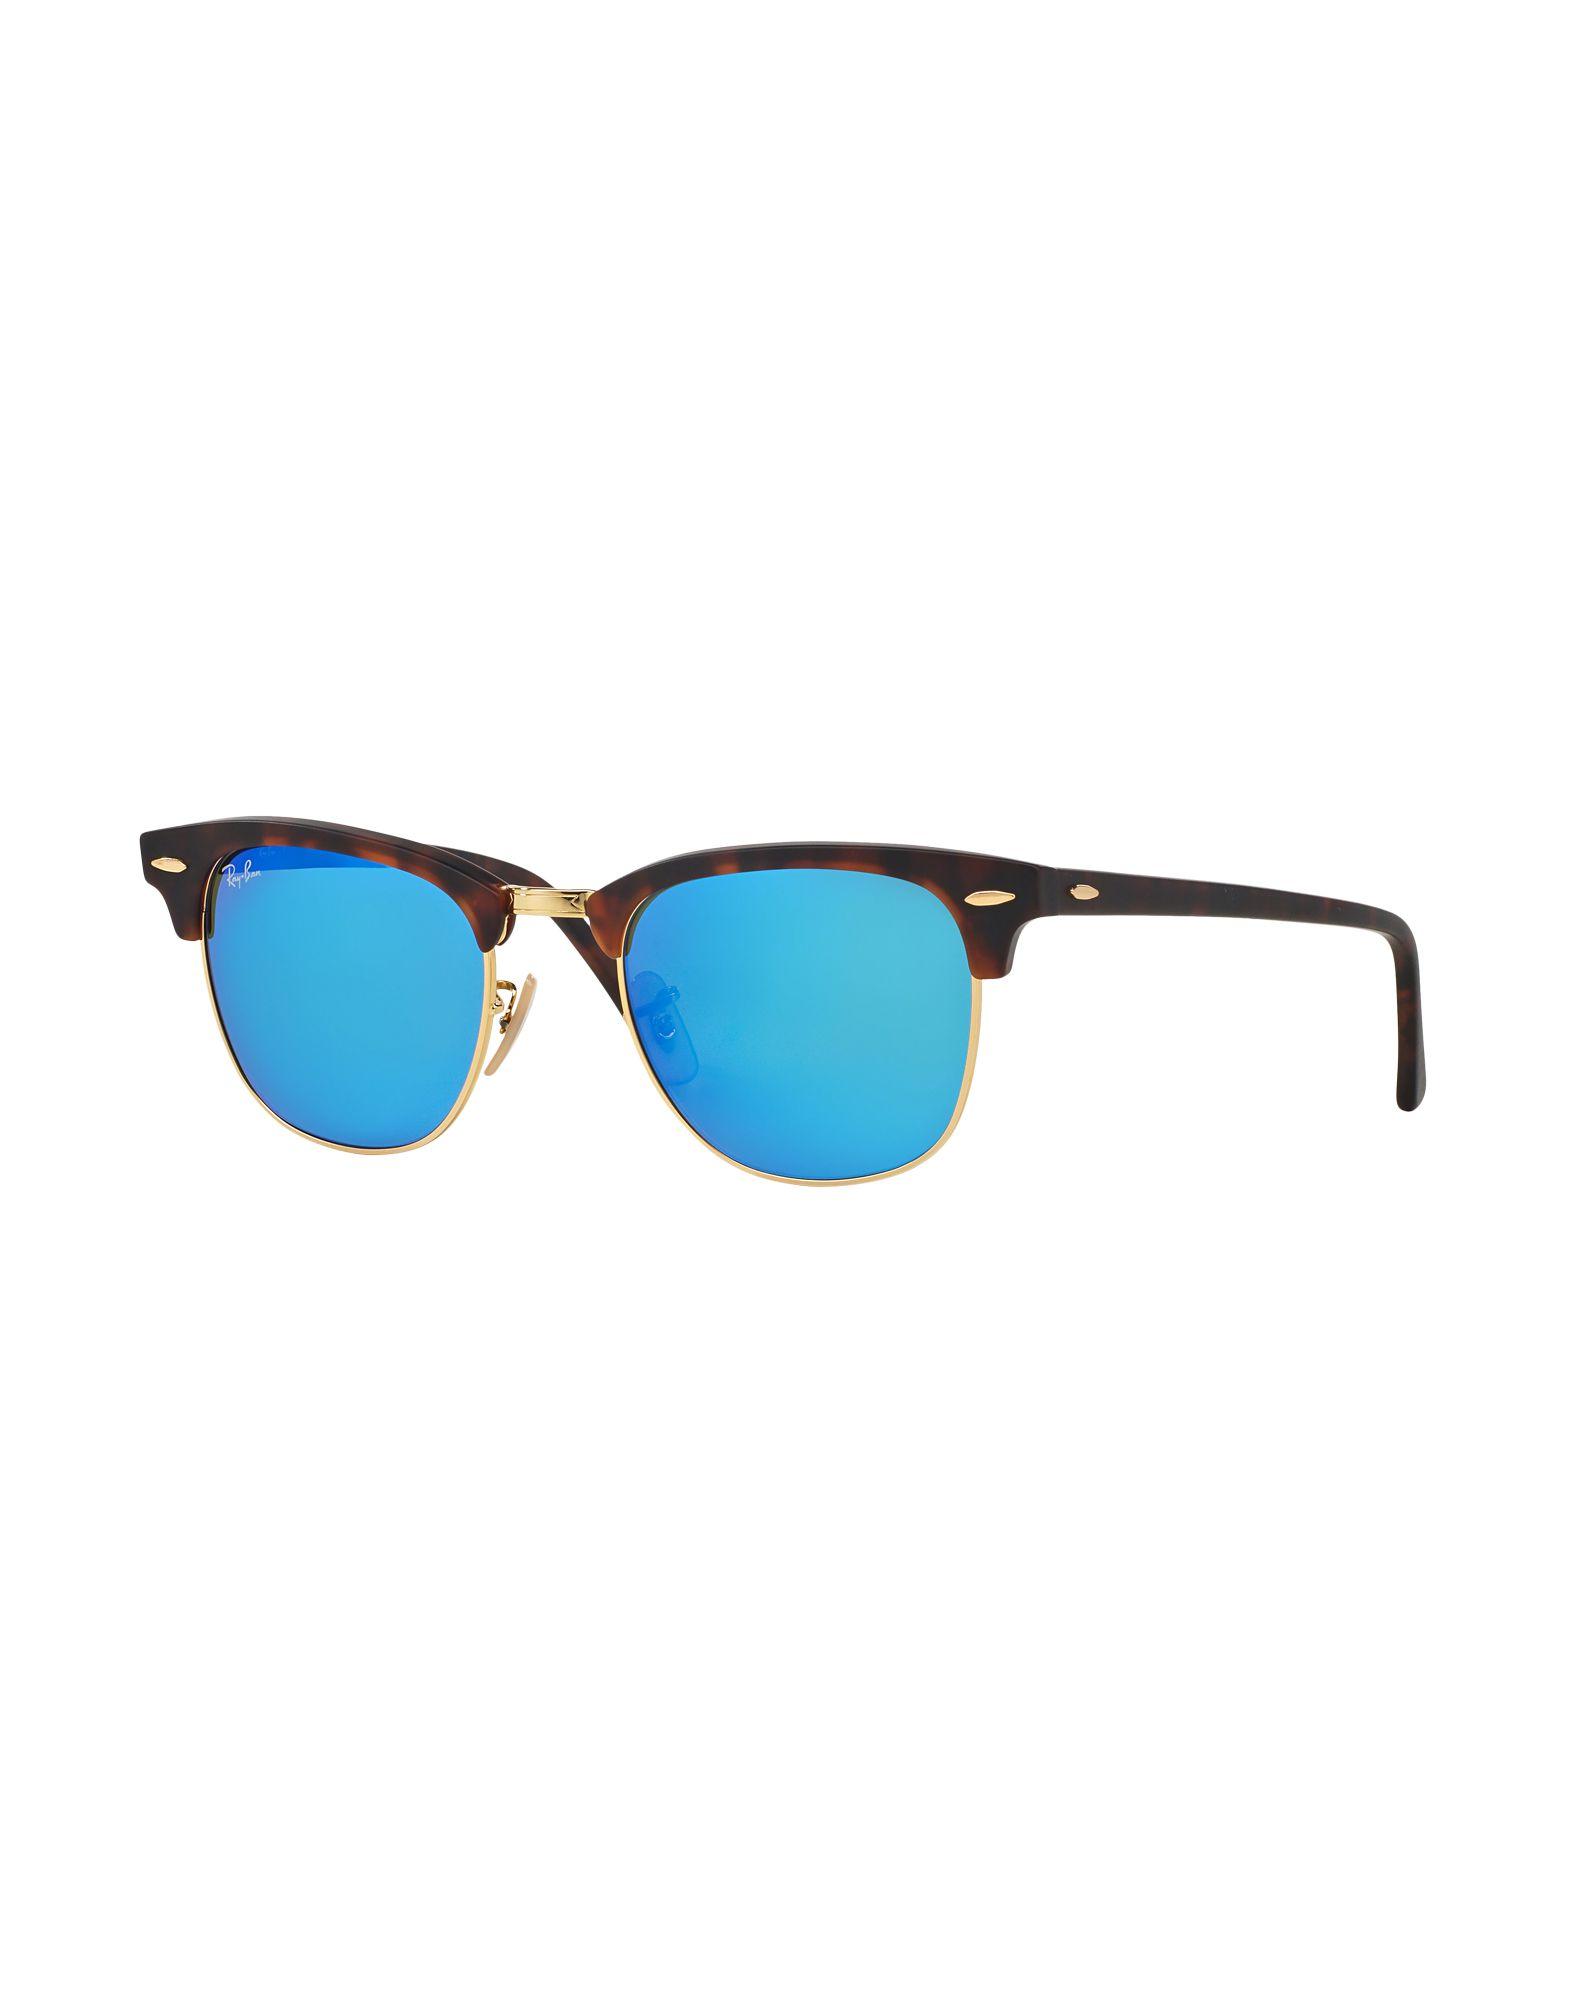 RAY-BAN Unisex Sonnenbrille Farbe Dunkelbraun Größe 9 jetztbilligerkaufen